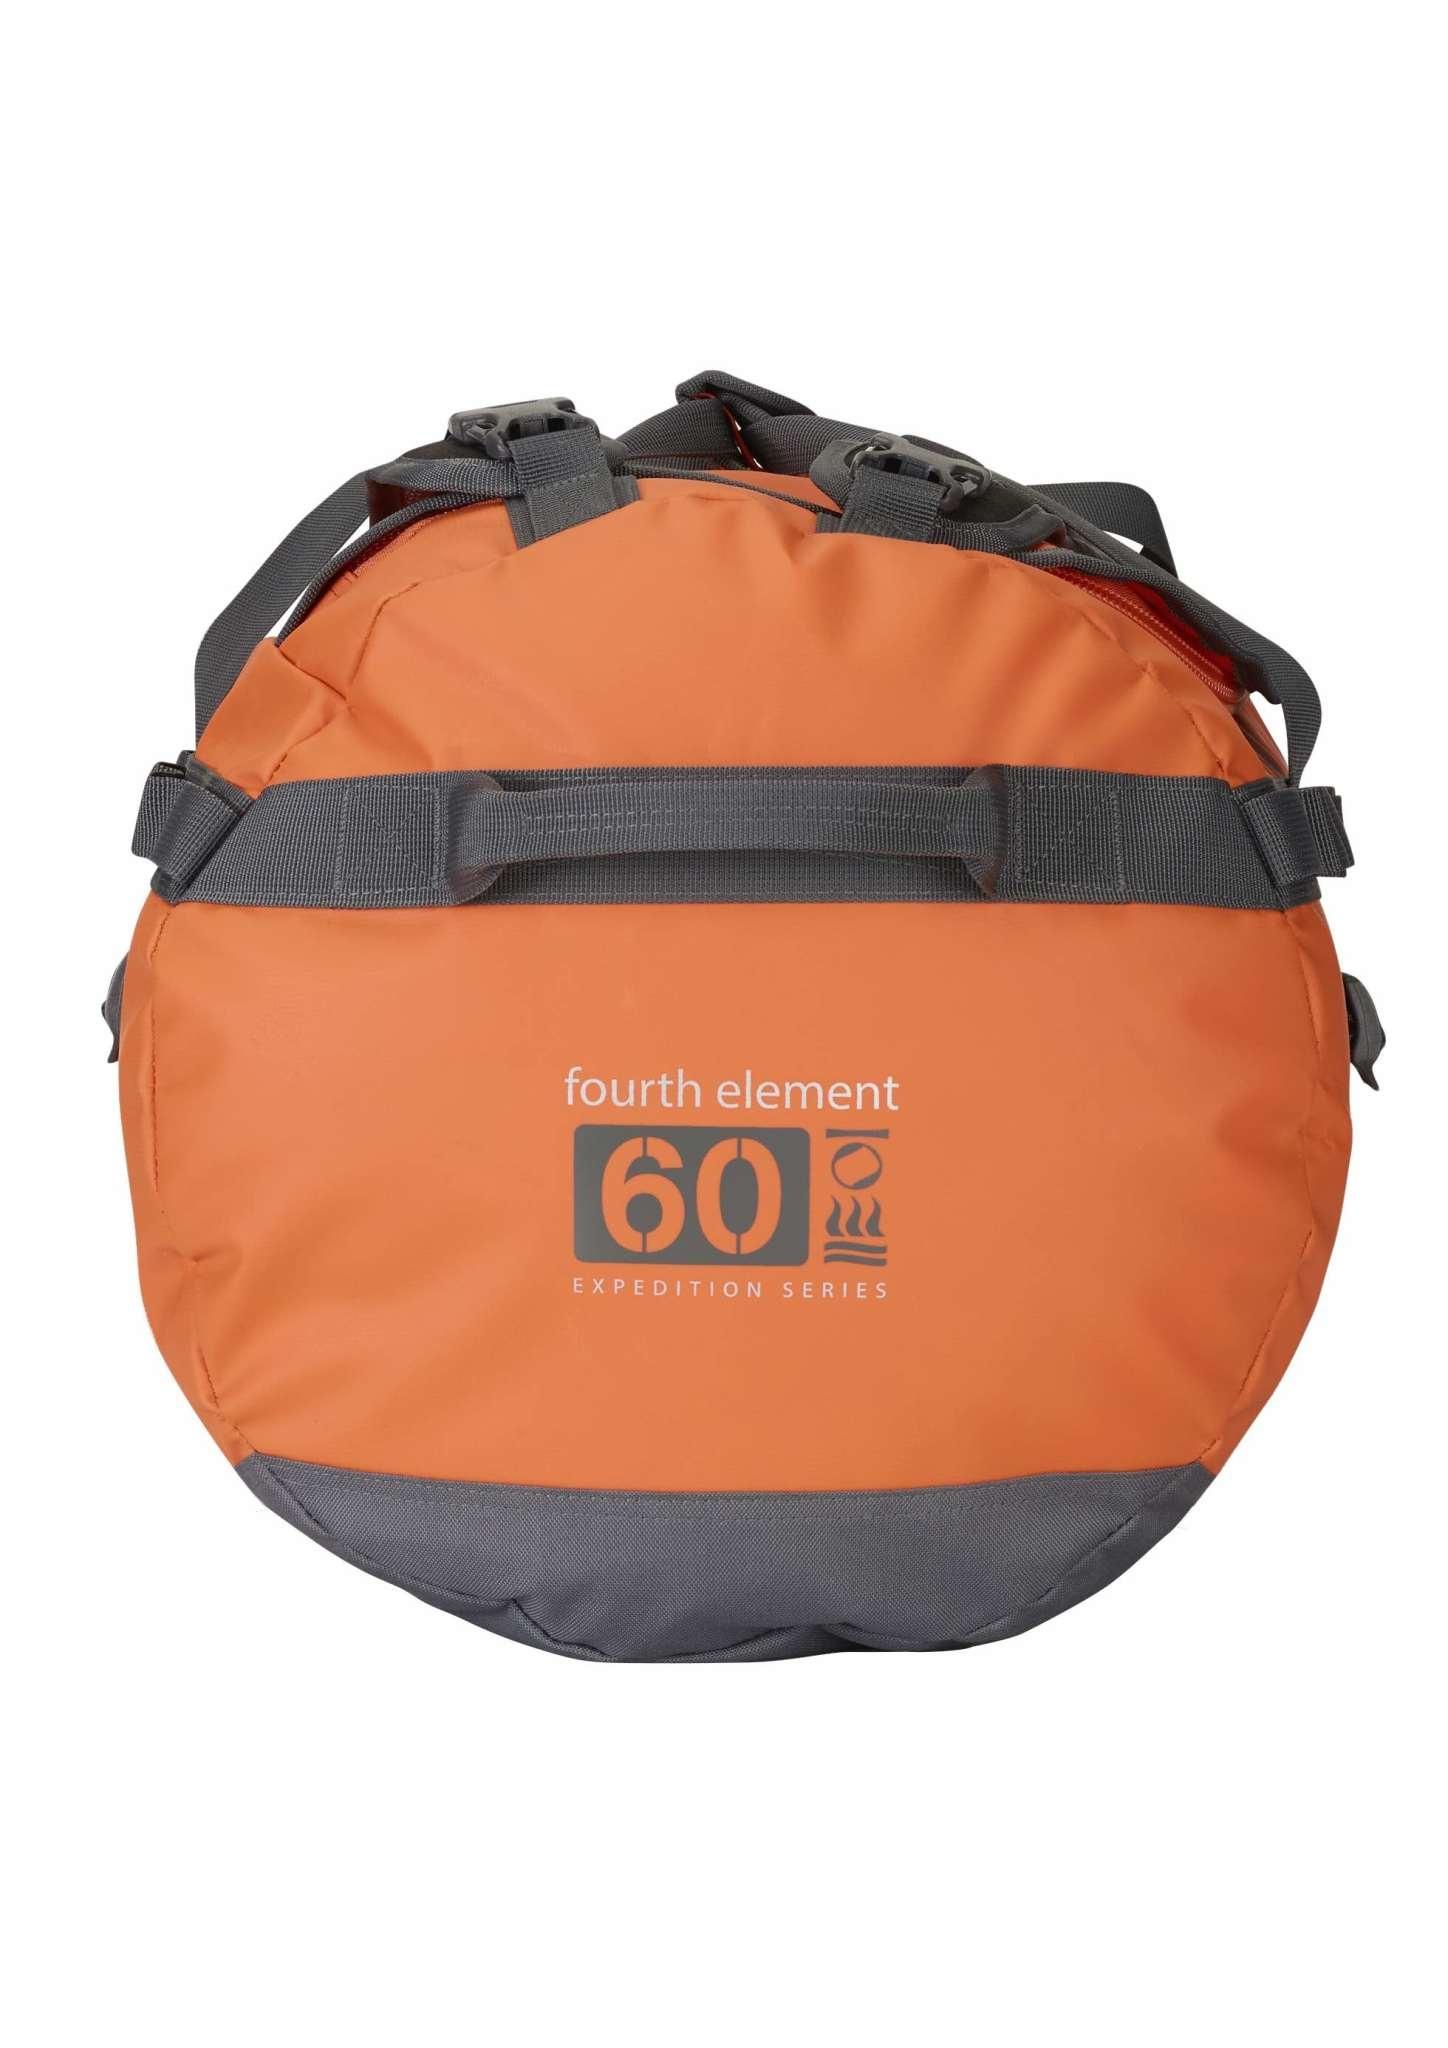 Expediton Duffelbag Orange-1